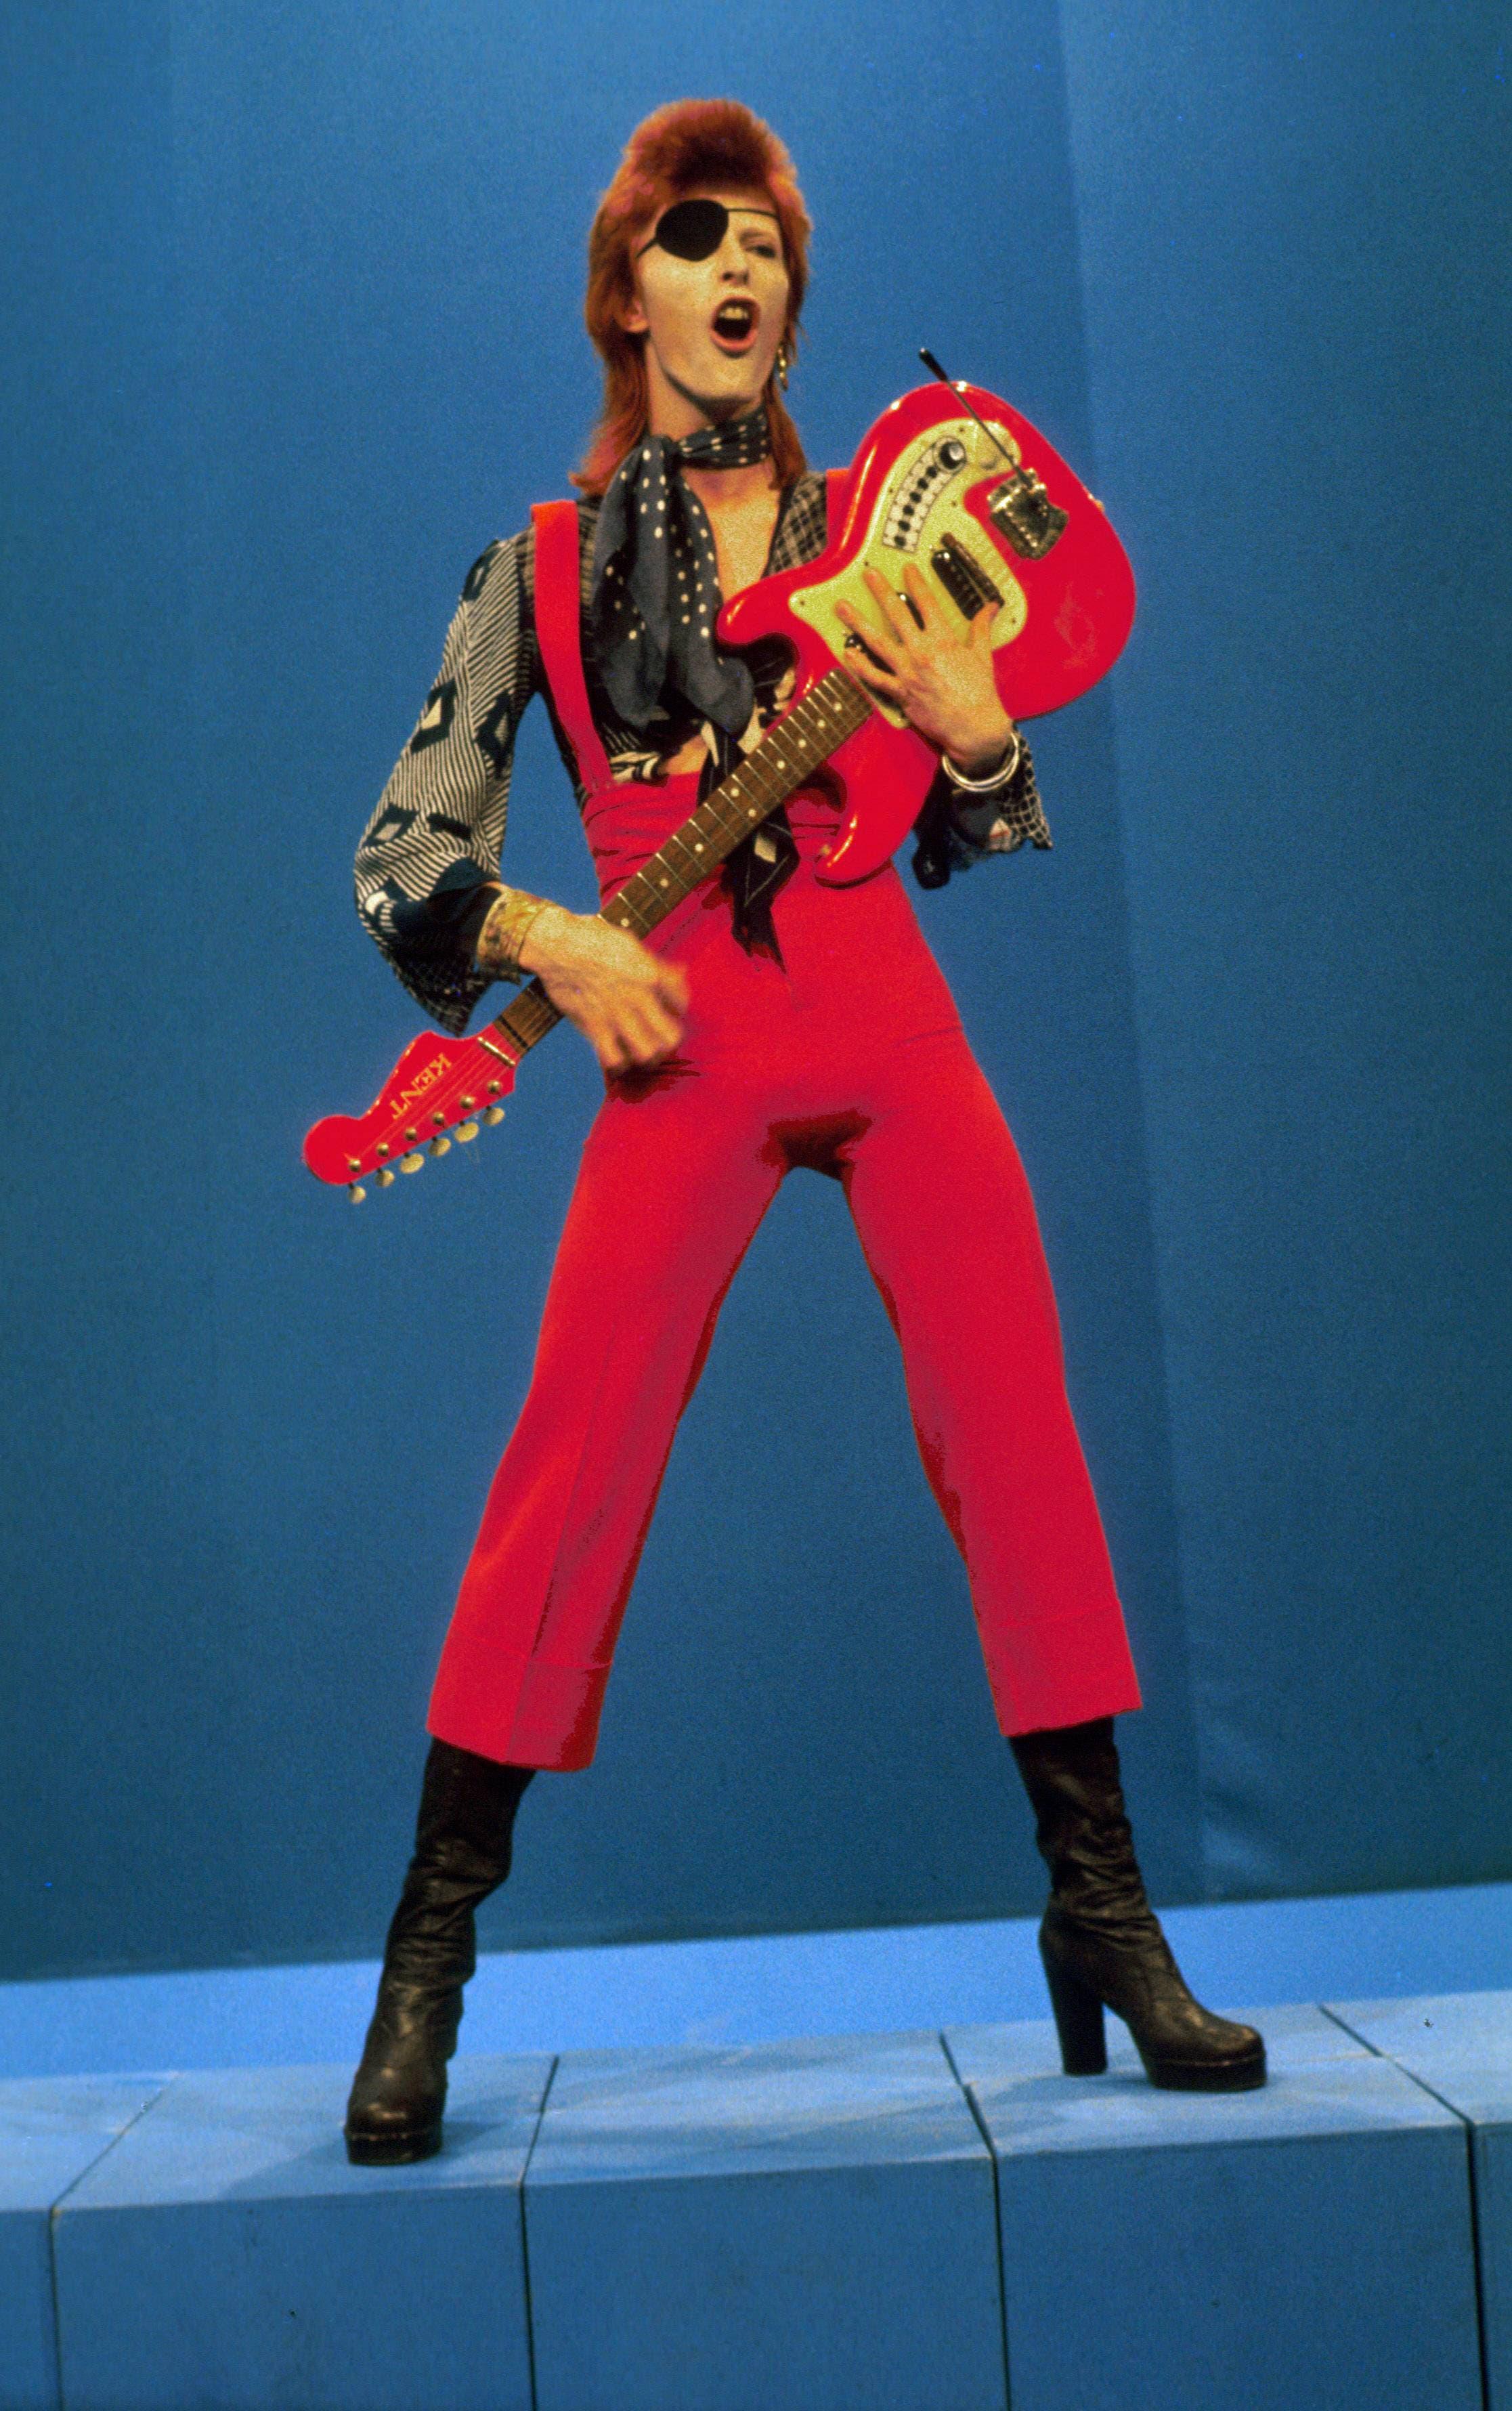 David Bowie Das geschlechtslose Fabelwesen von einem anderen Stern teilt sich die Krone des Glam mit Marc Bolan. Als ihm der Rummel um seine Person zu intensiv wurde, distanzierte er sich vom Glamrock.